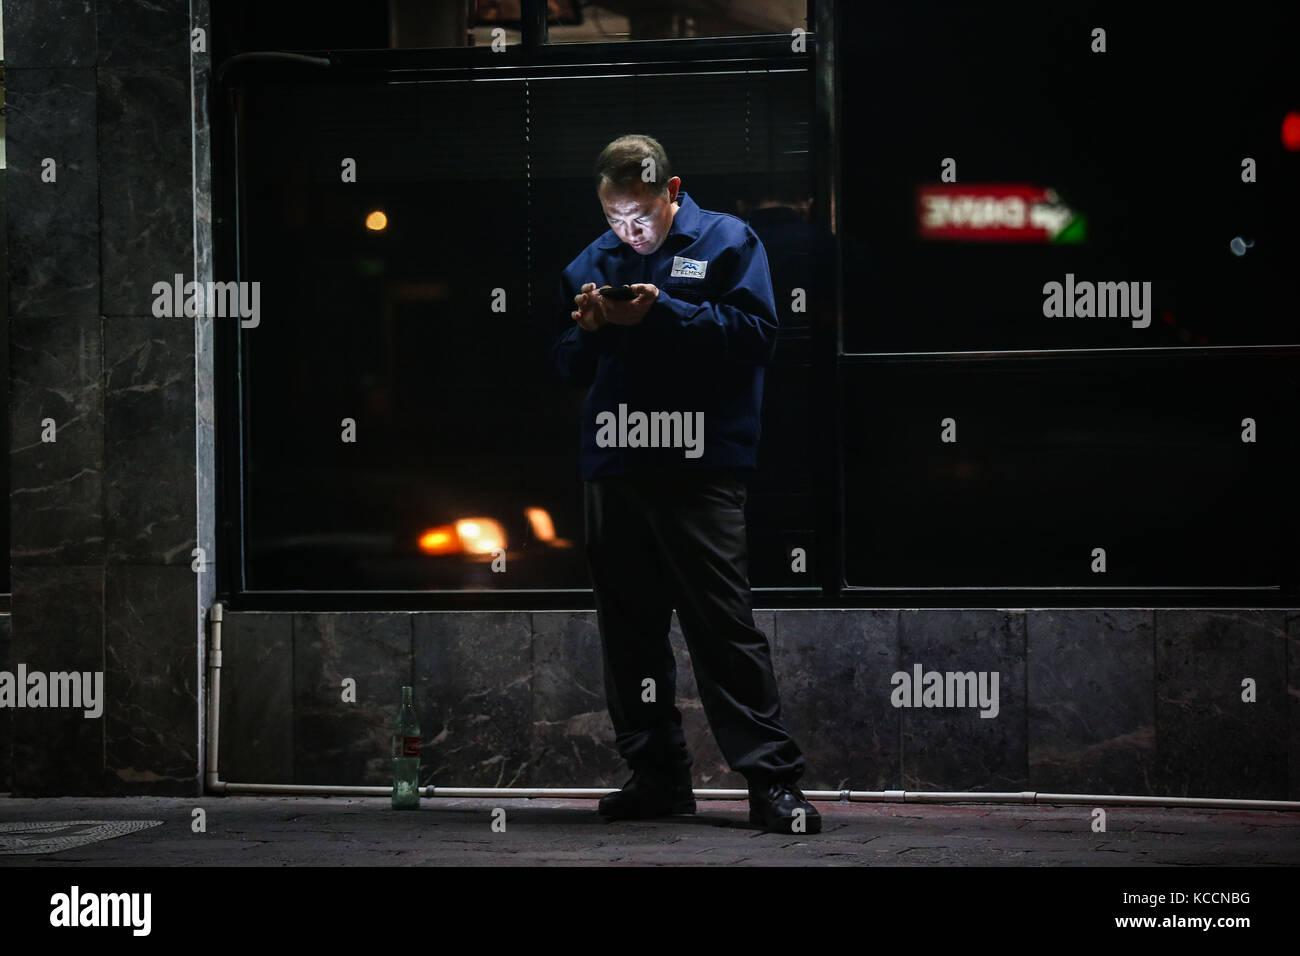 Una persona se detiene al otro lado de la acera de un negocio de cafe para tomar la señal de wifi en su celular. - Stock Image